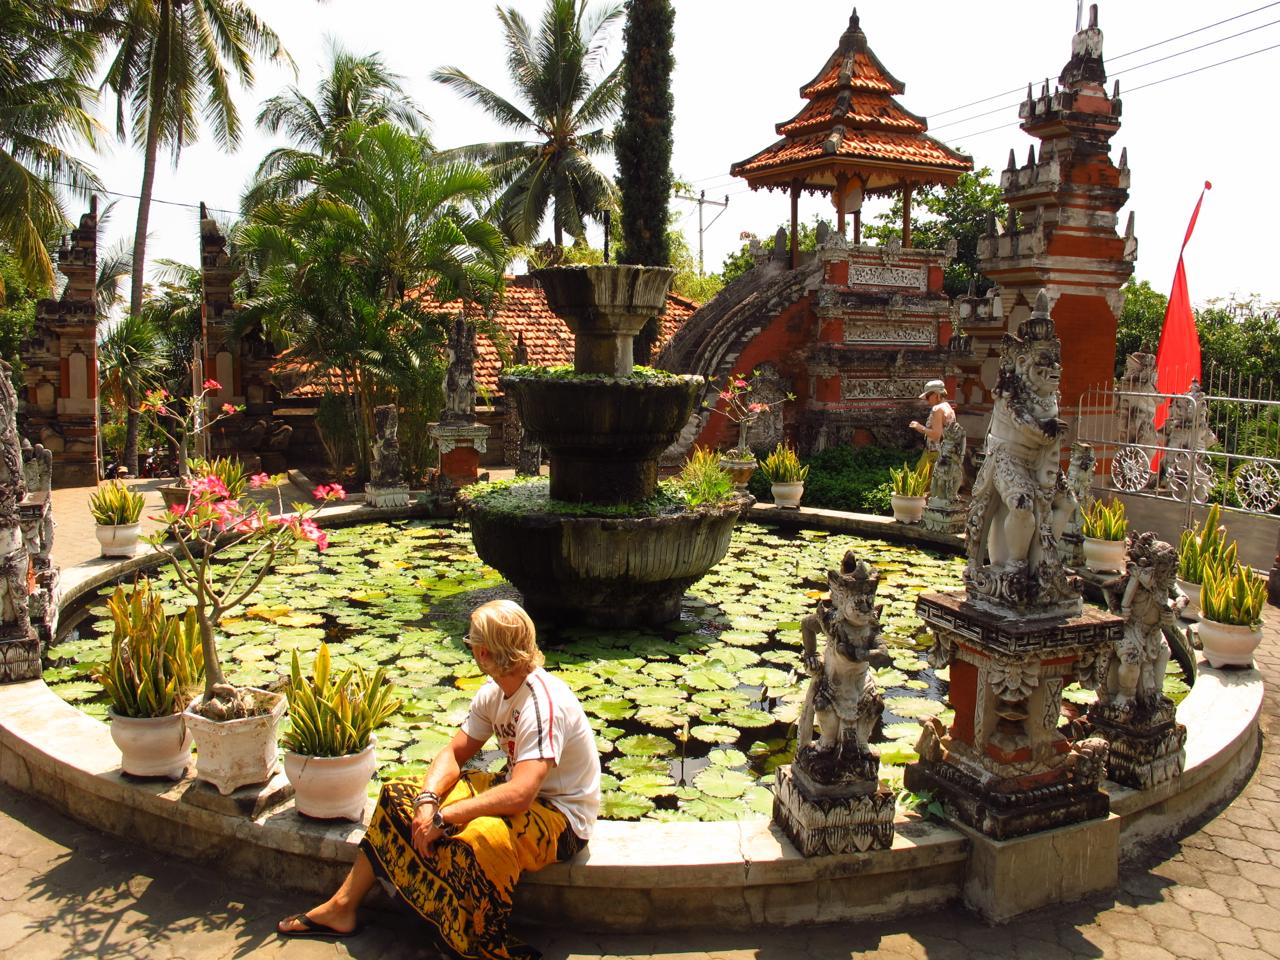 Ein wunderschöner Brunnen in einer Tempelanlage in Balis Norden.